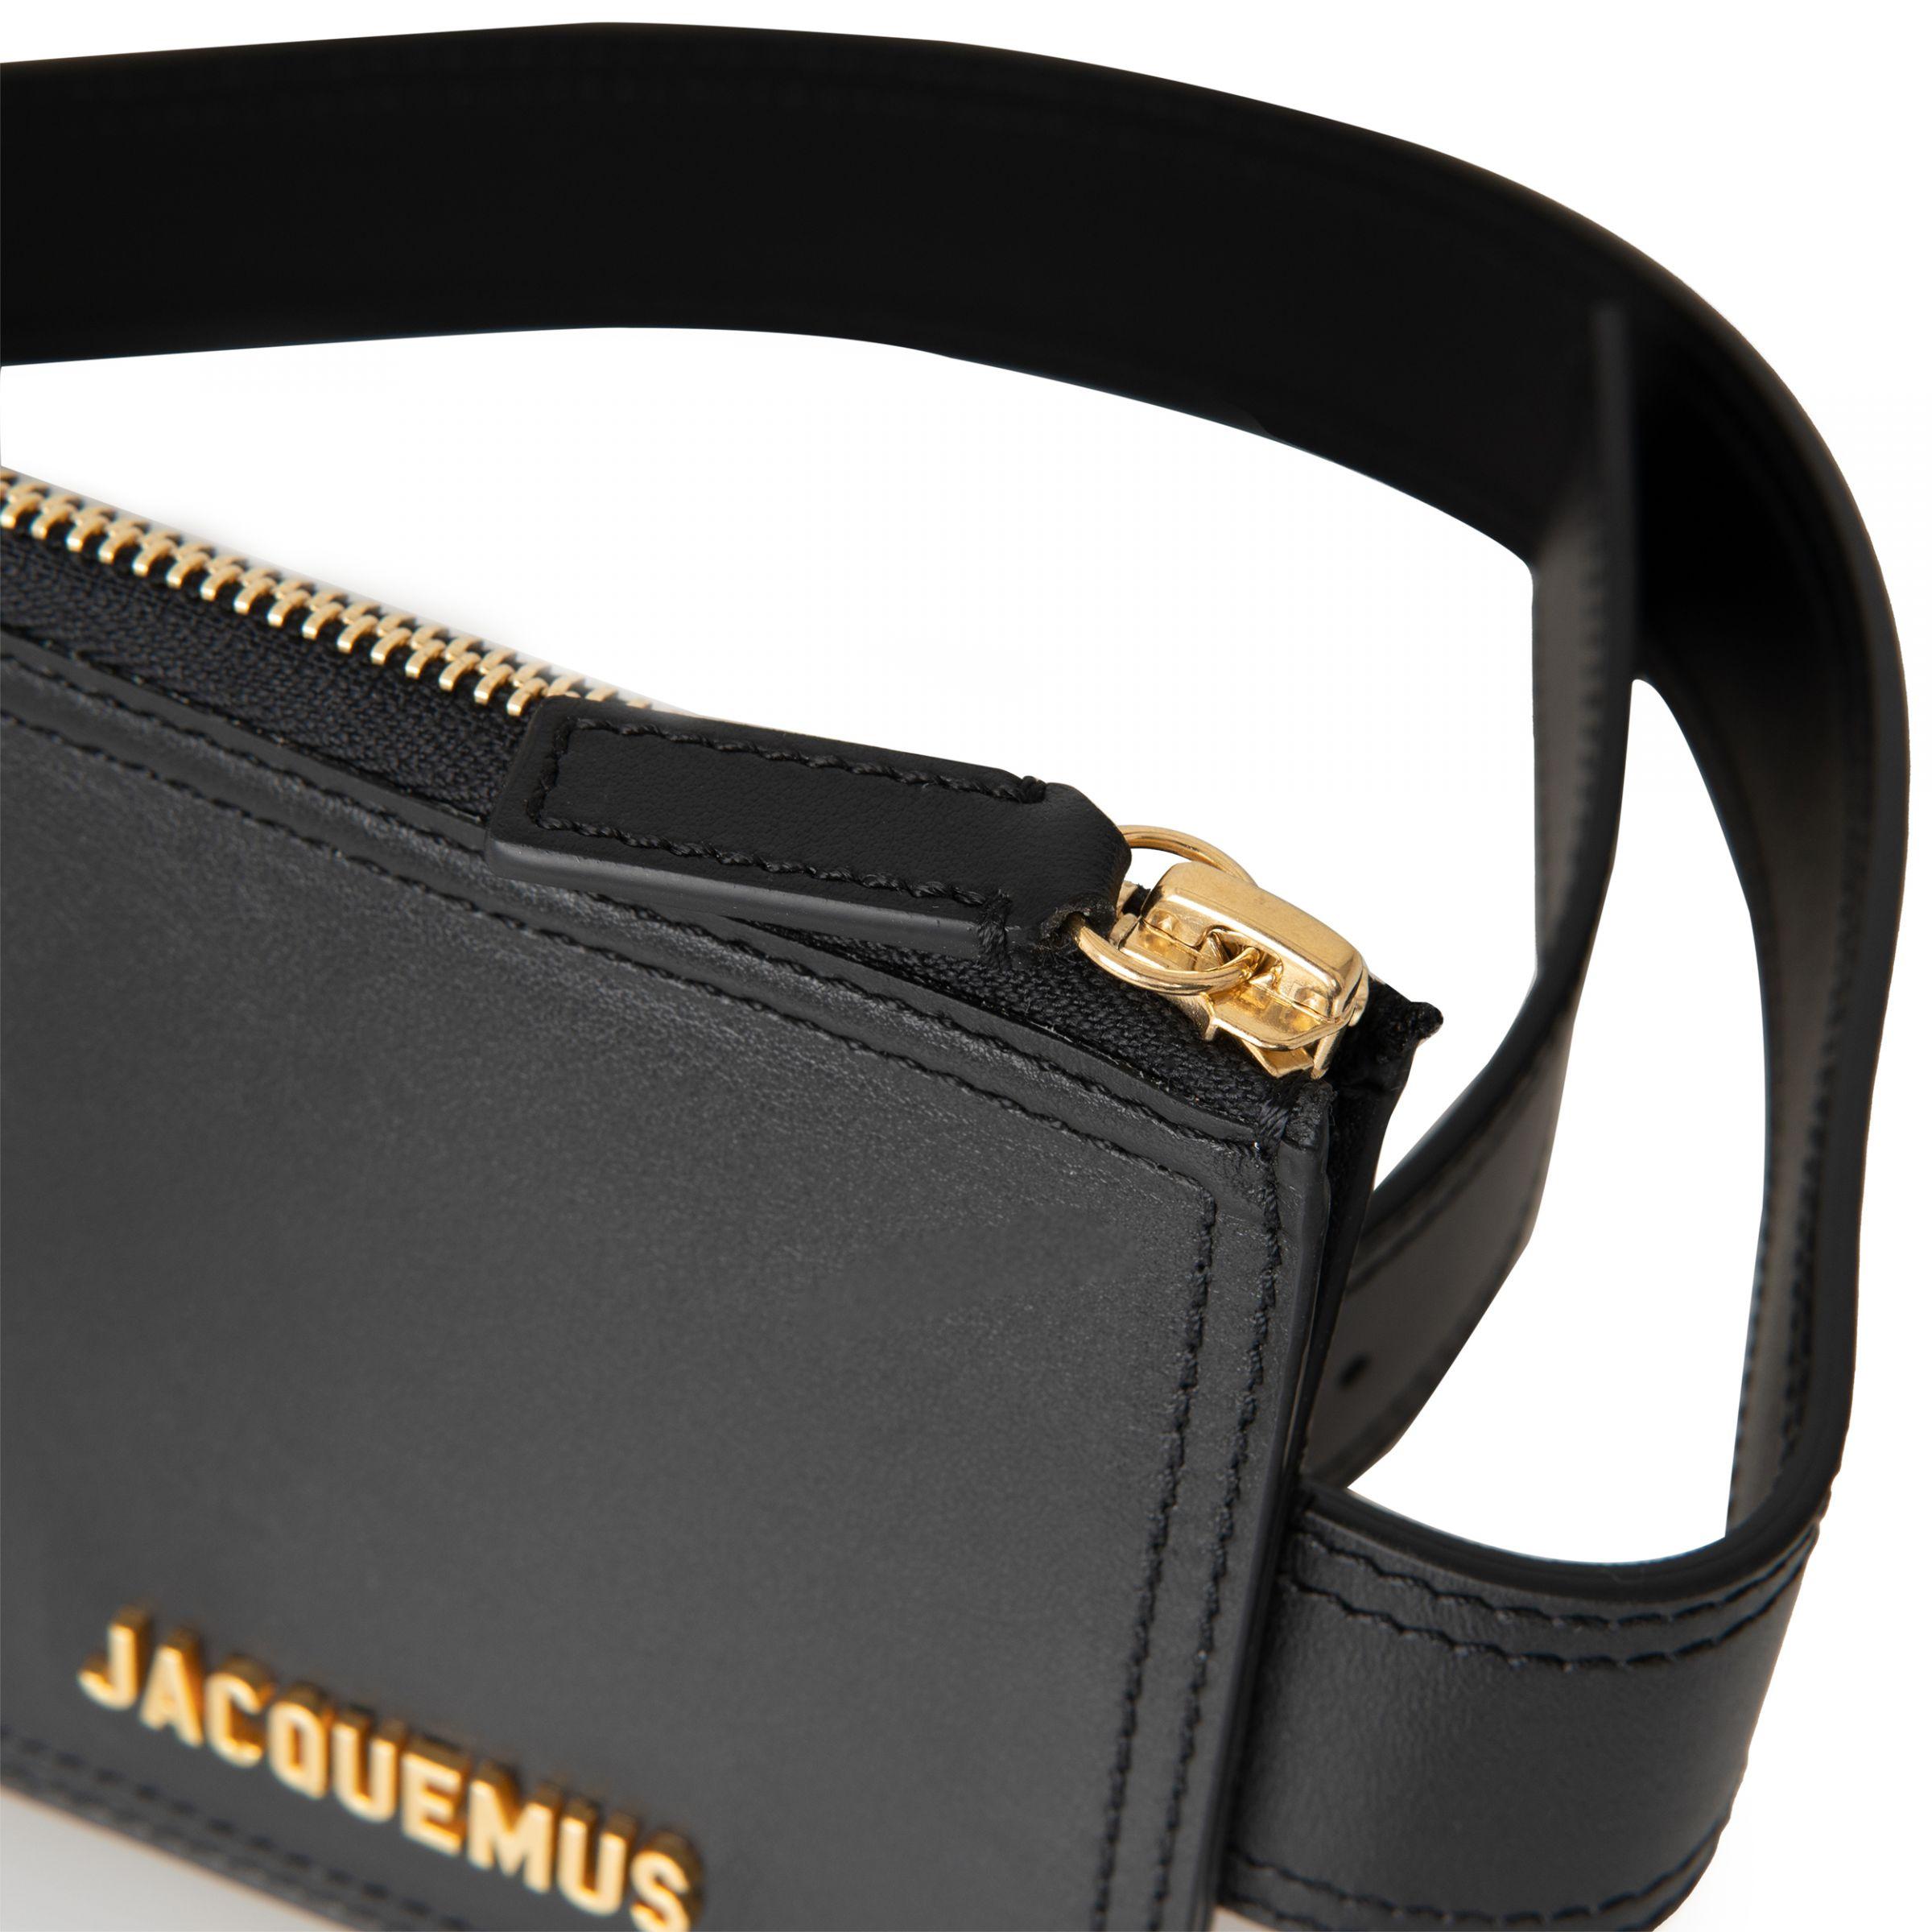 Ремень Jacquemus черный